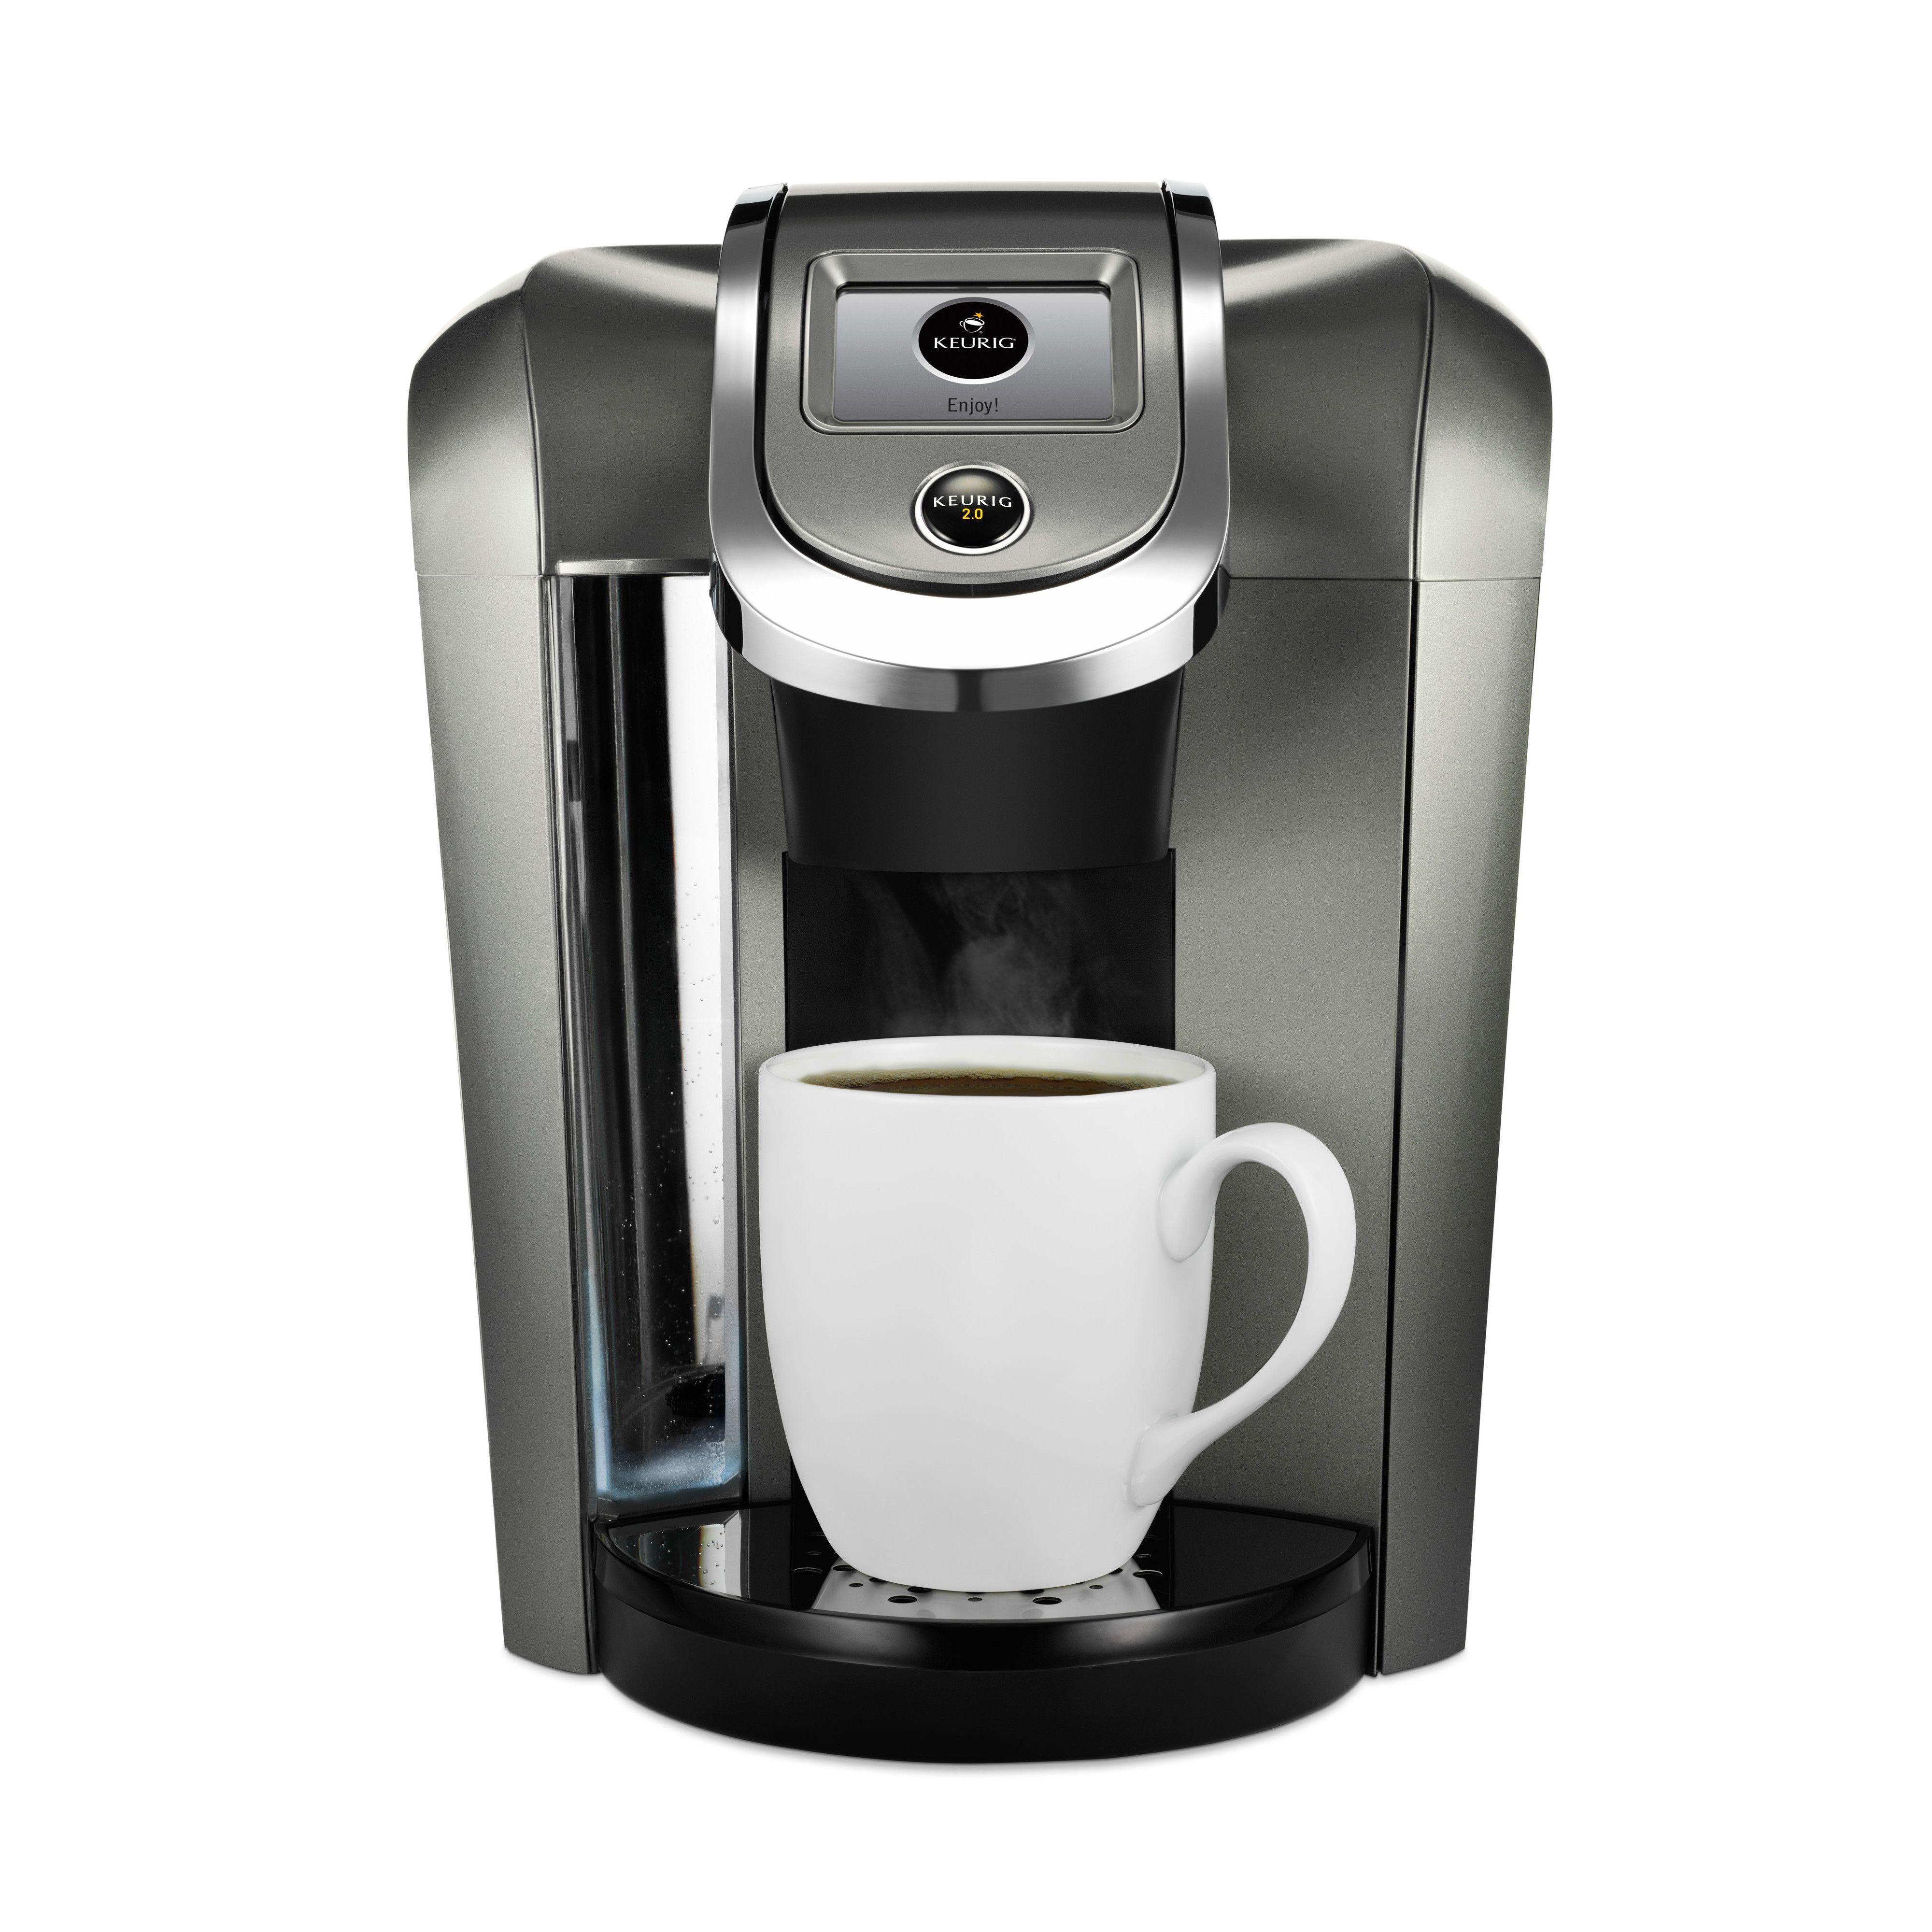 K575 Keurig Brewer 2.0 Coffee Maker | Keurig, Single ...